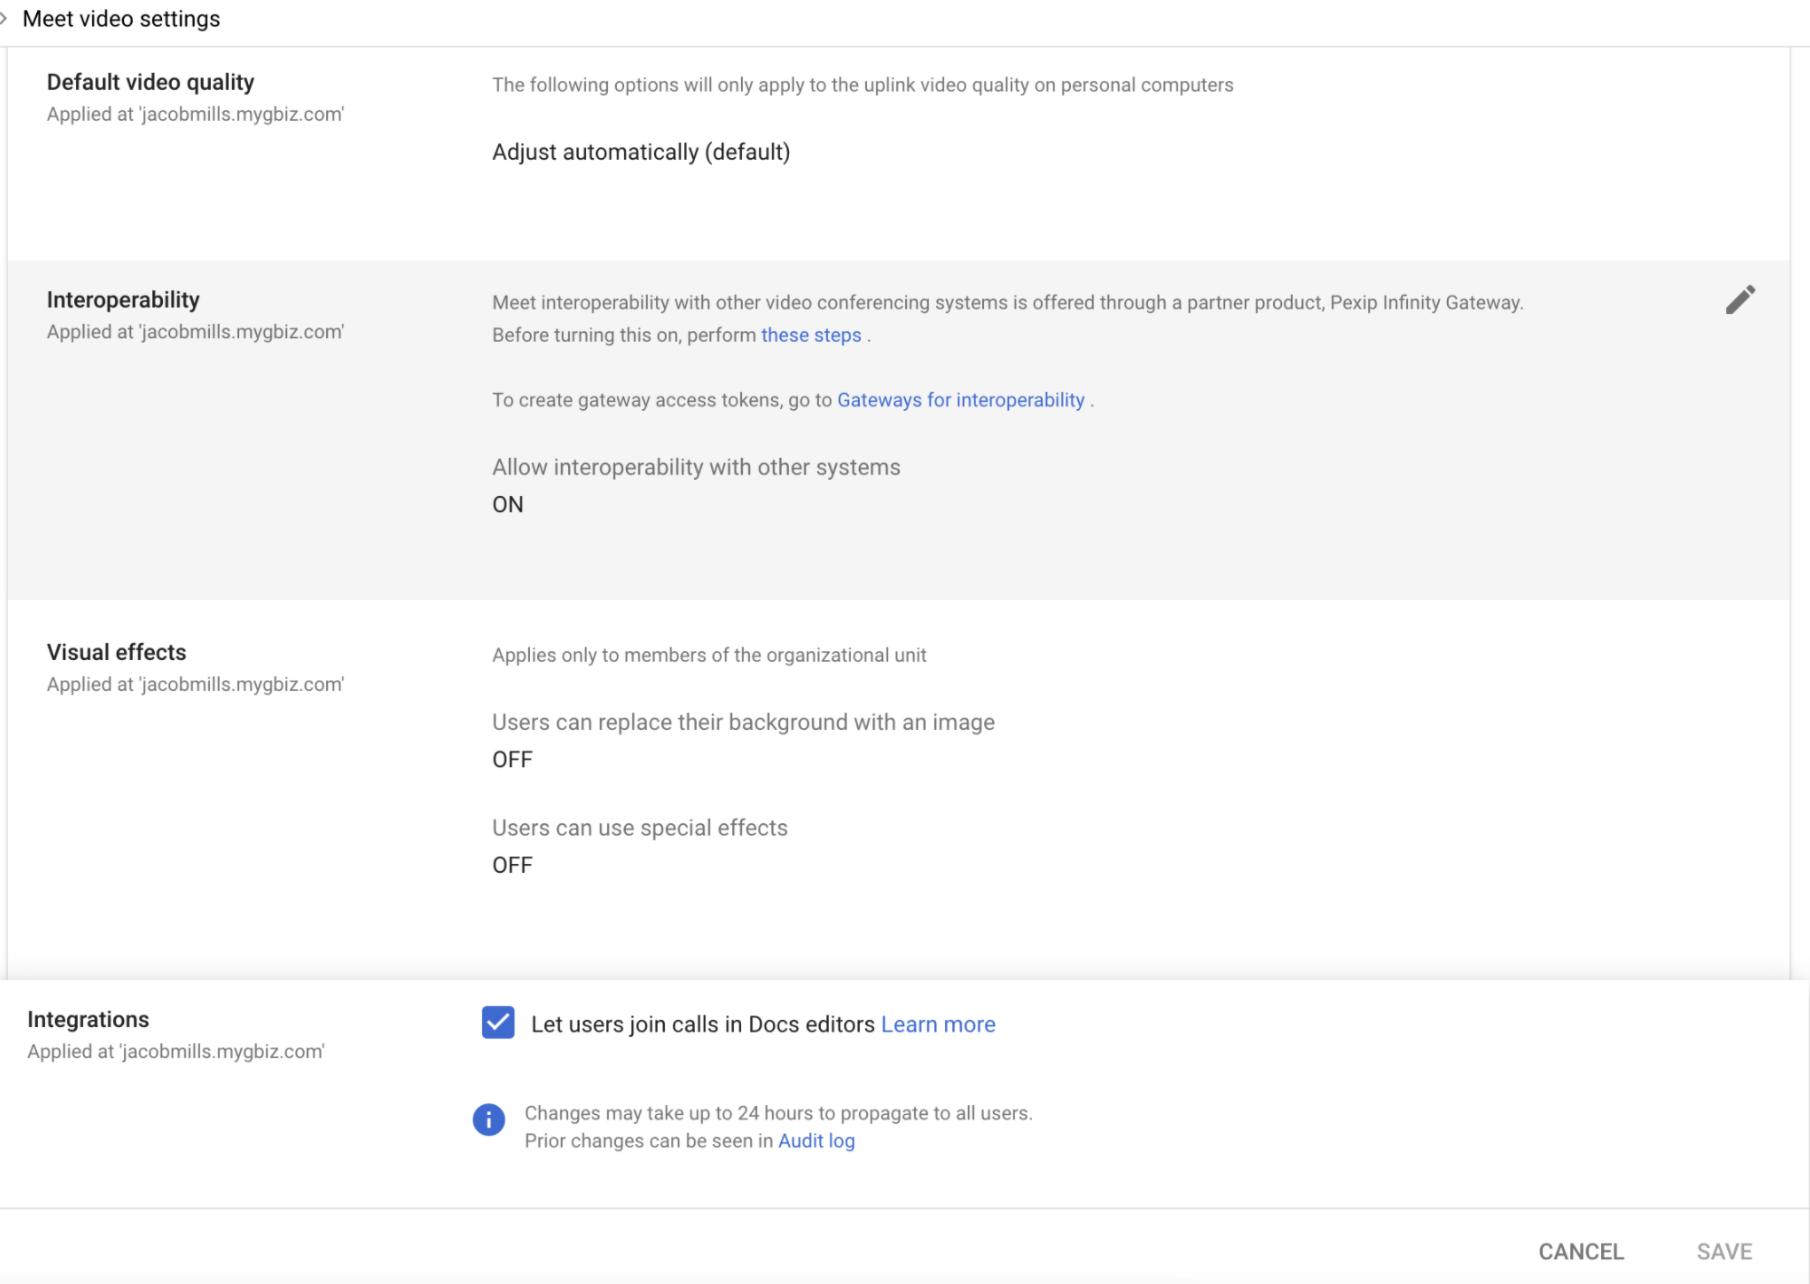 """Na parte de configurações de vídeo do Meet no Admin Console, é possível controlar a possibilidade de apresentar conteúdo dos Editores na categoria """"Integrações""""."""